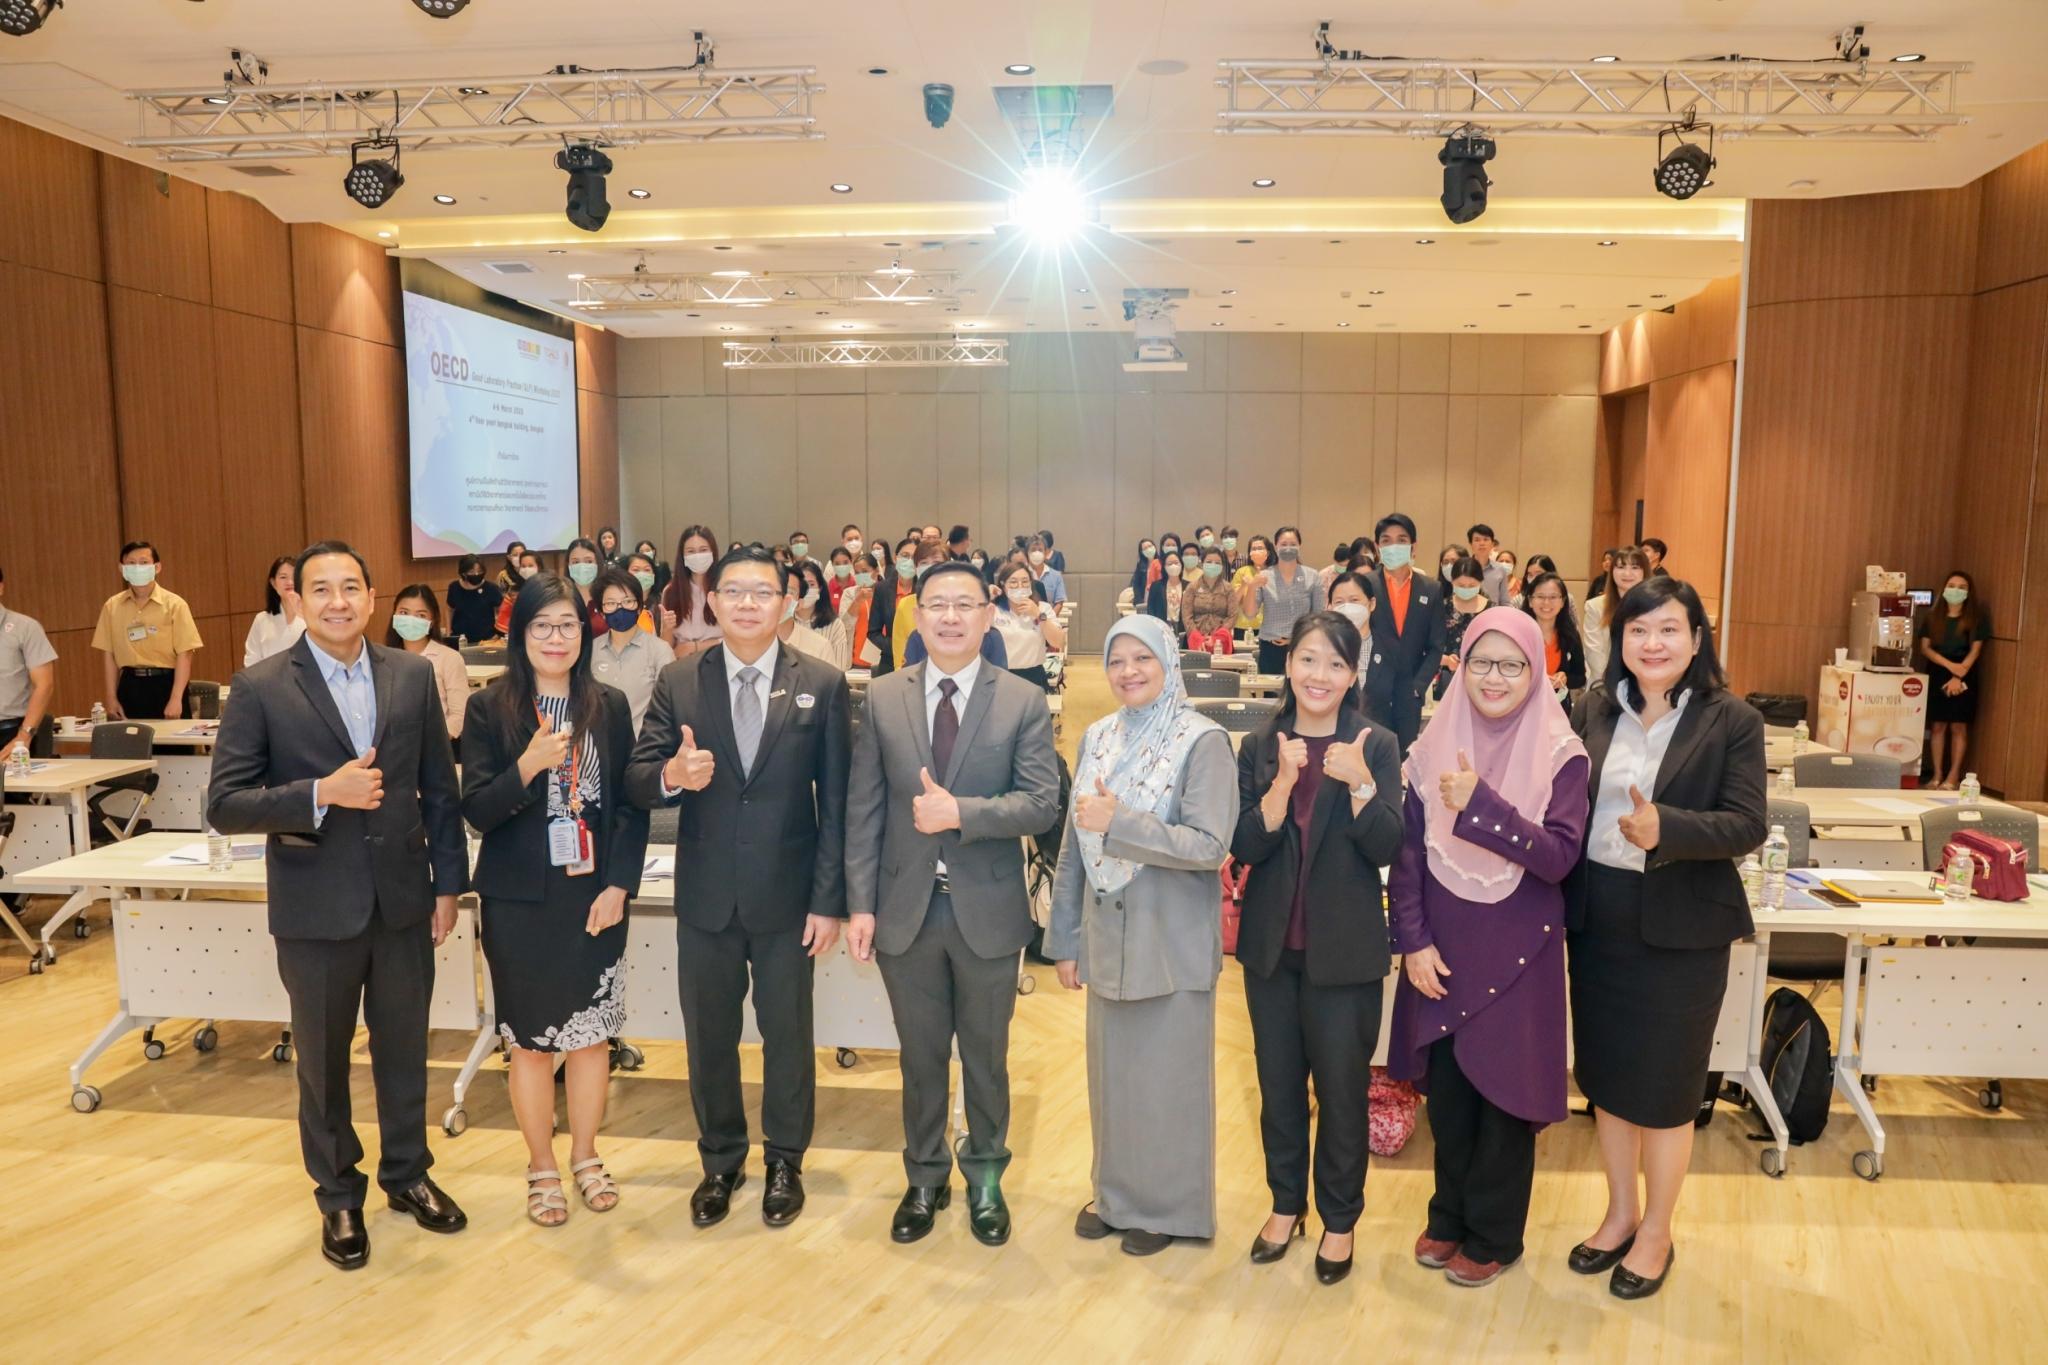 OECD-GLP-2020_๒๐๐๓๐๔_0001.jpg